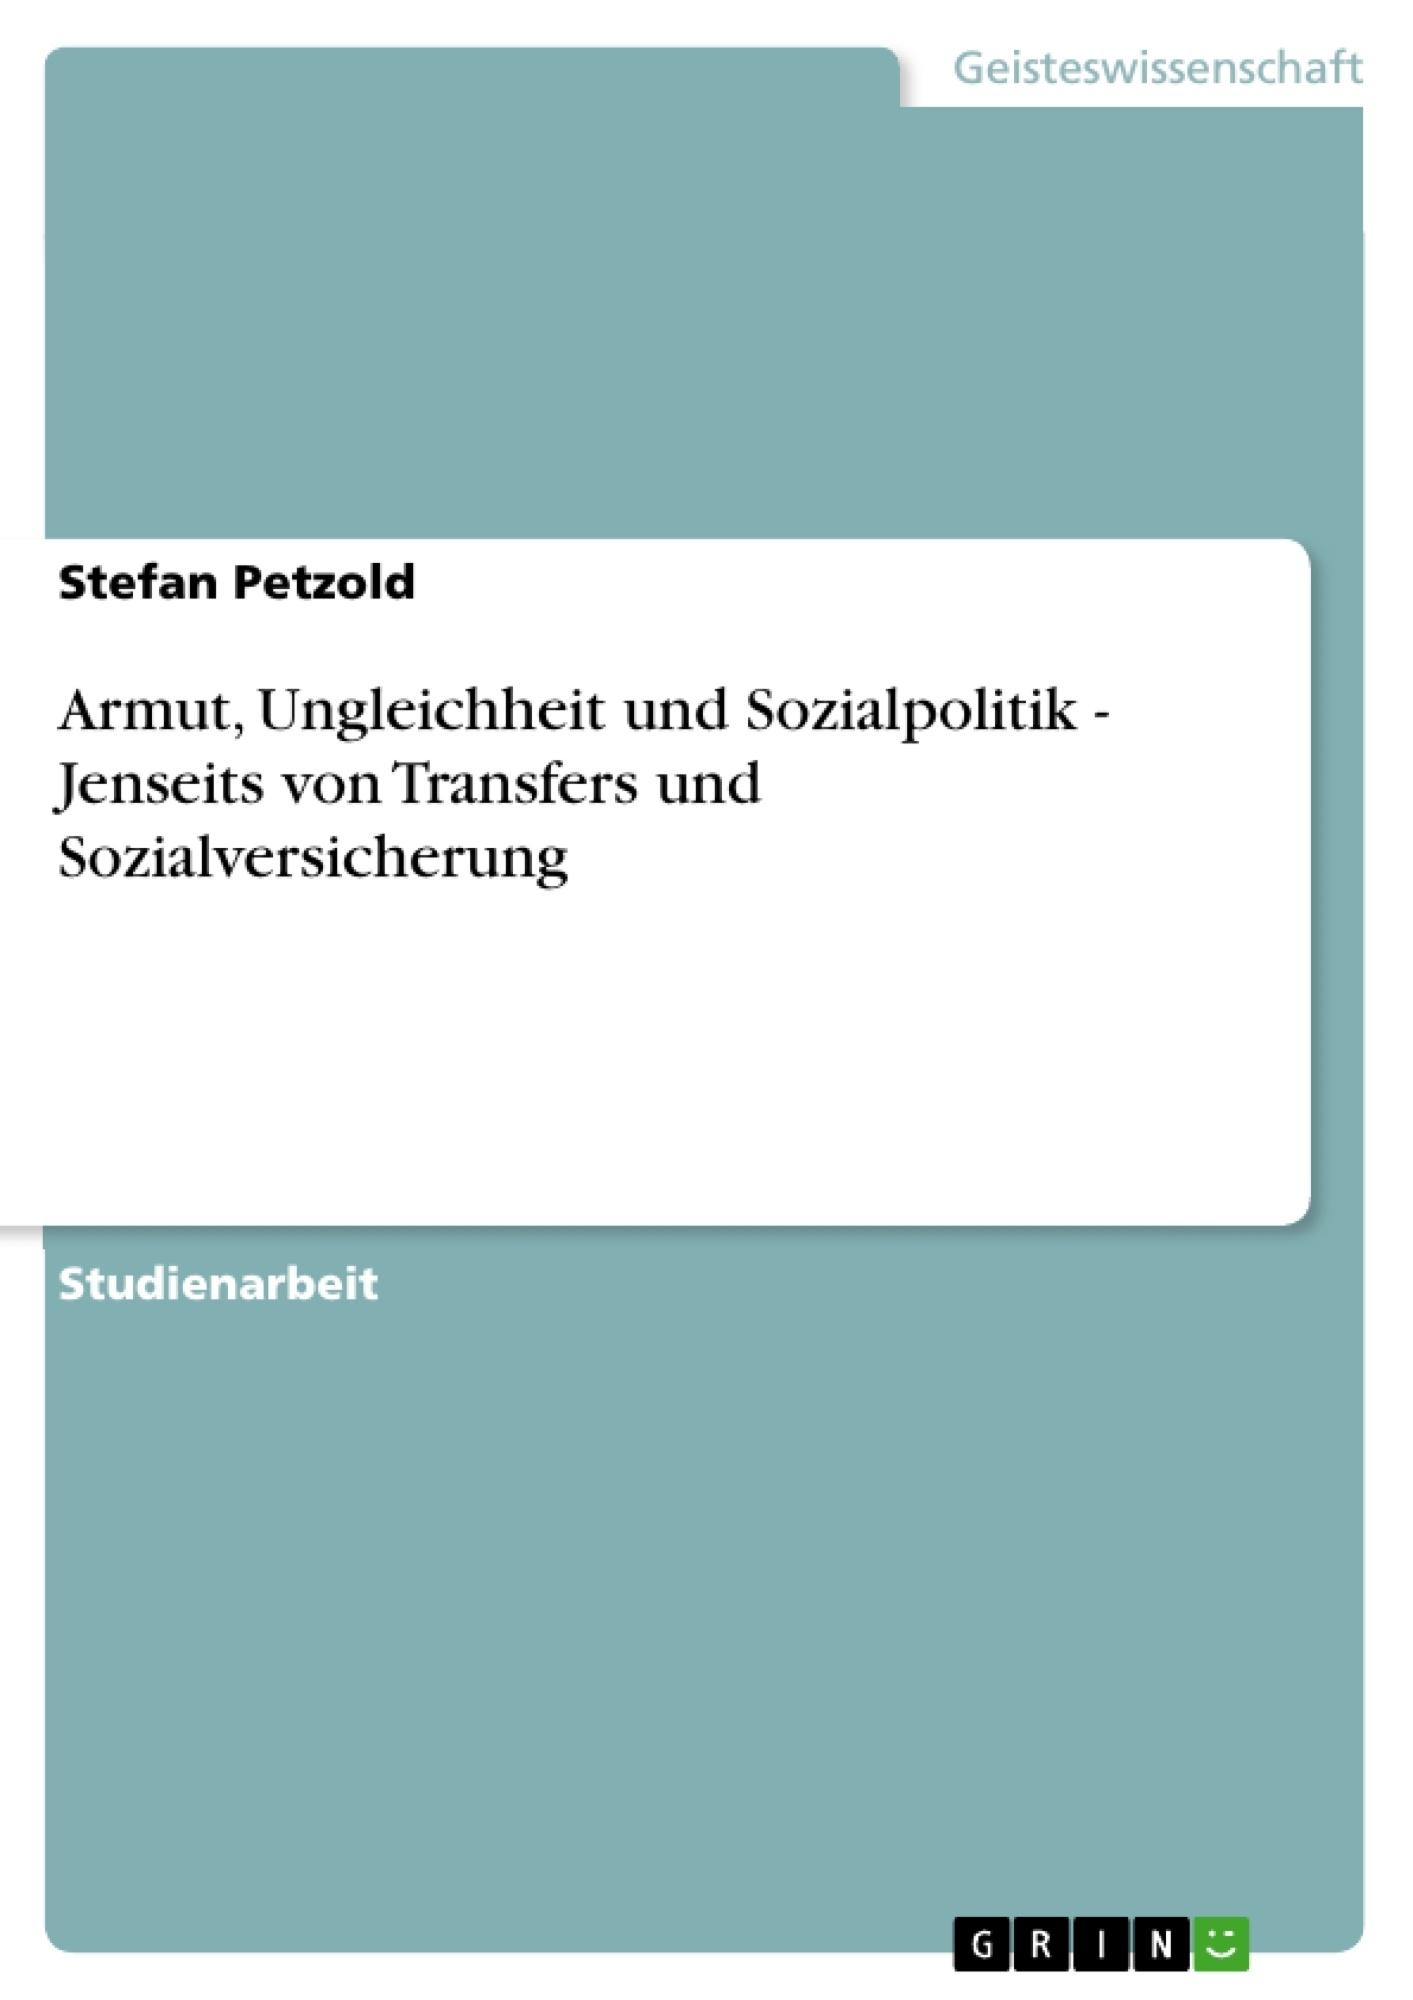 Titel: Armut, Ungleichheit und Sozialpolitik - Jenseits von Transfers und Sozialversicherung